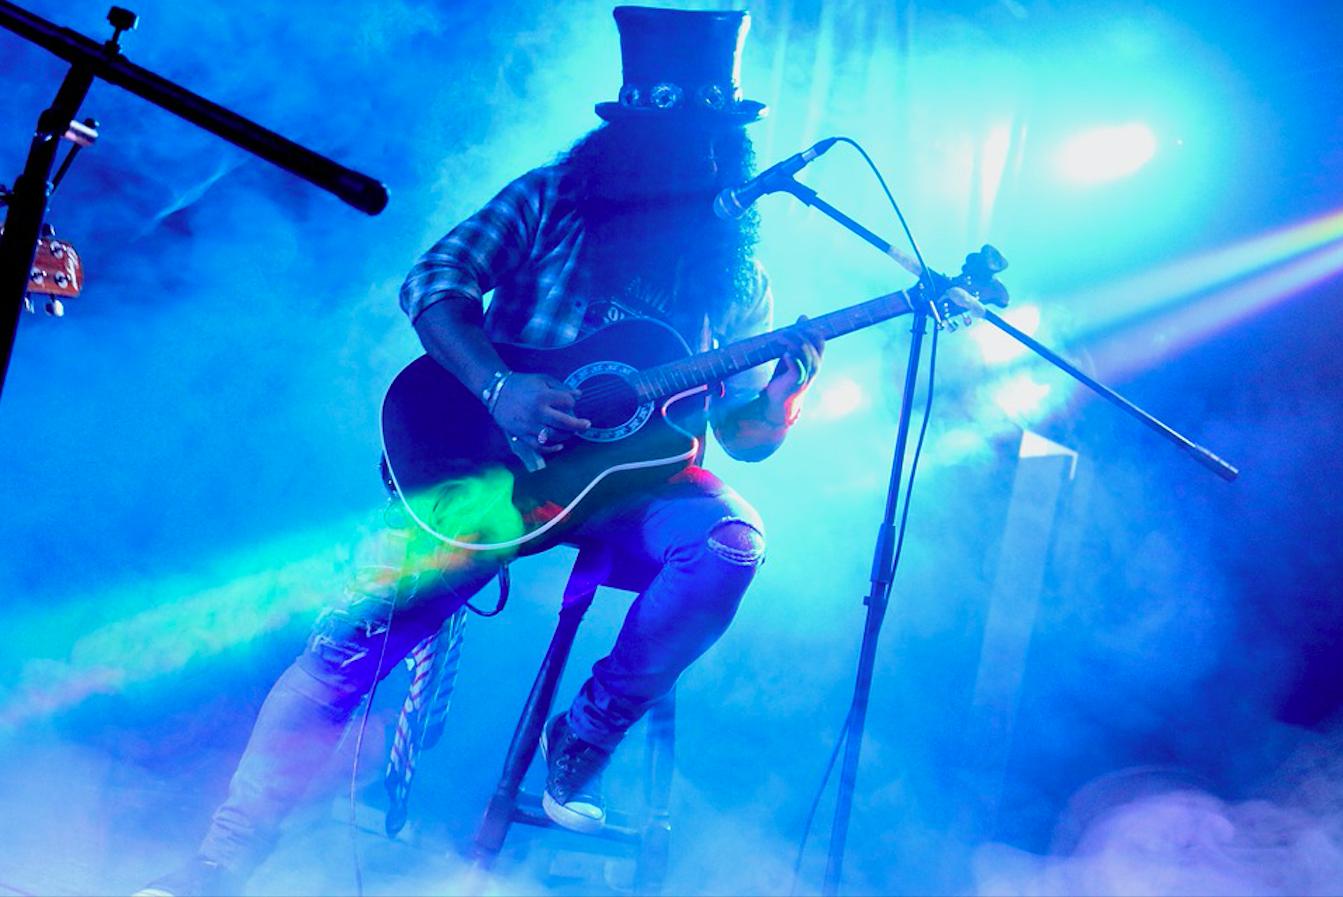 Top 5 Rock Bands for Karaoke